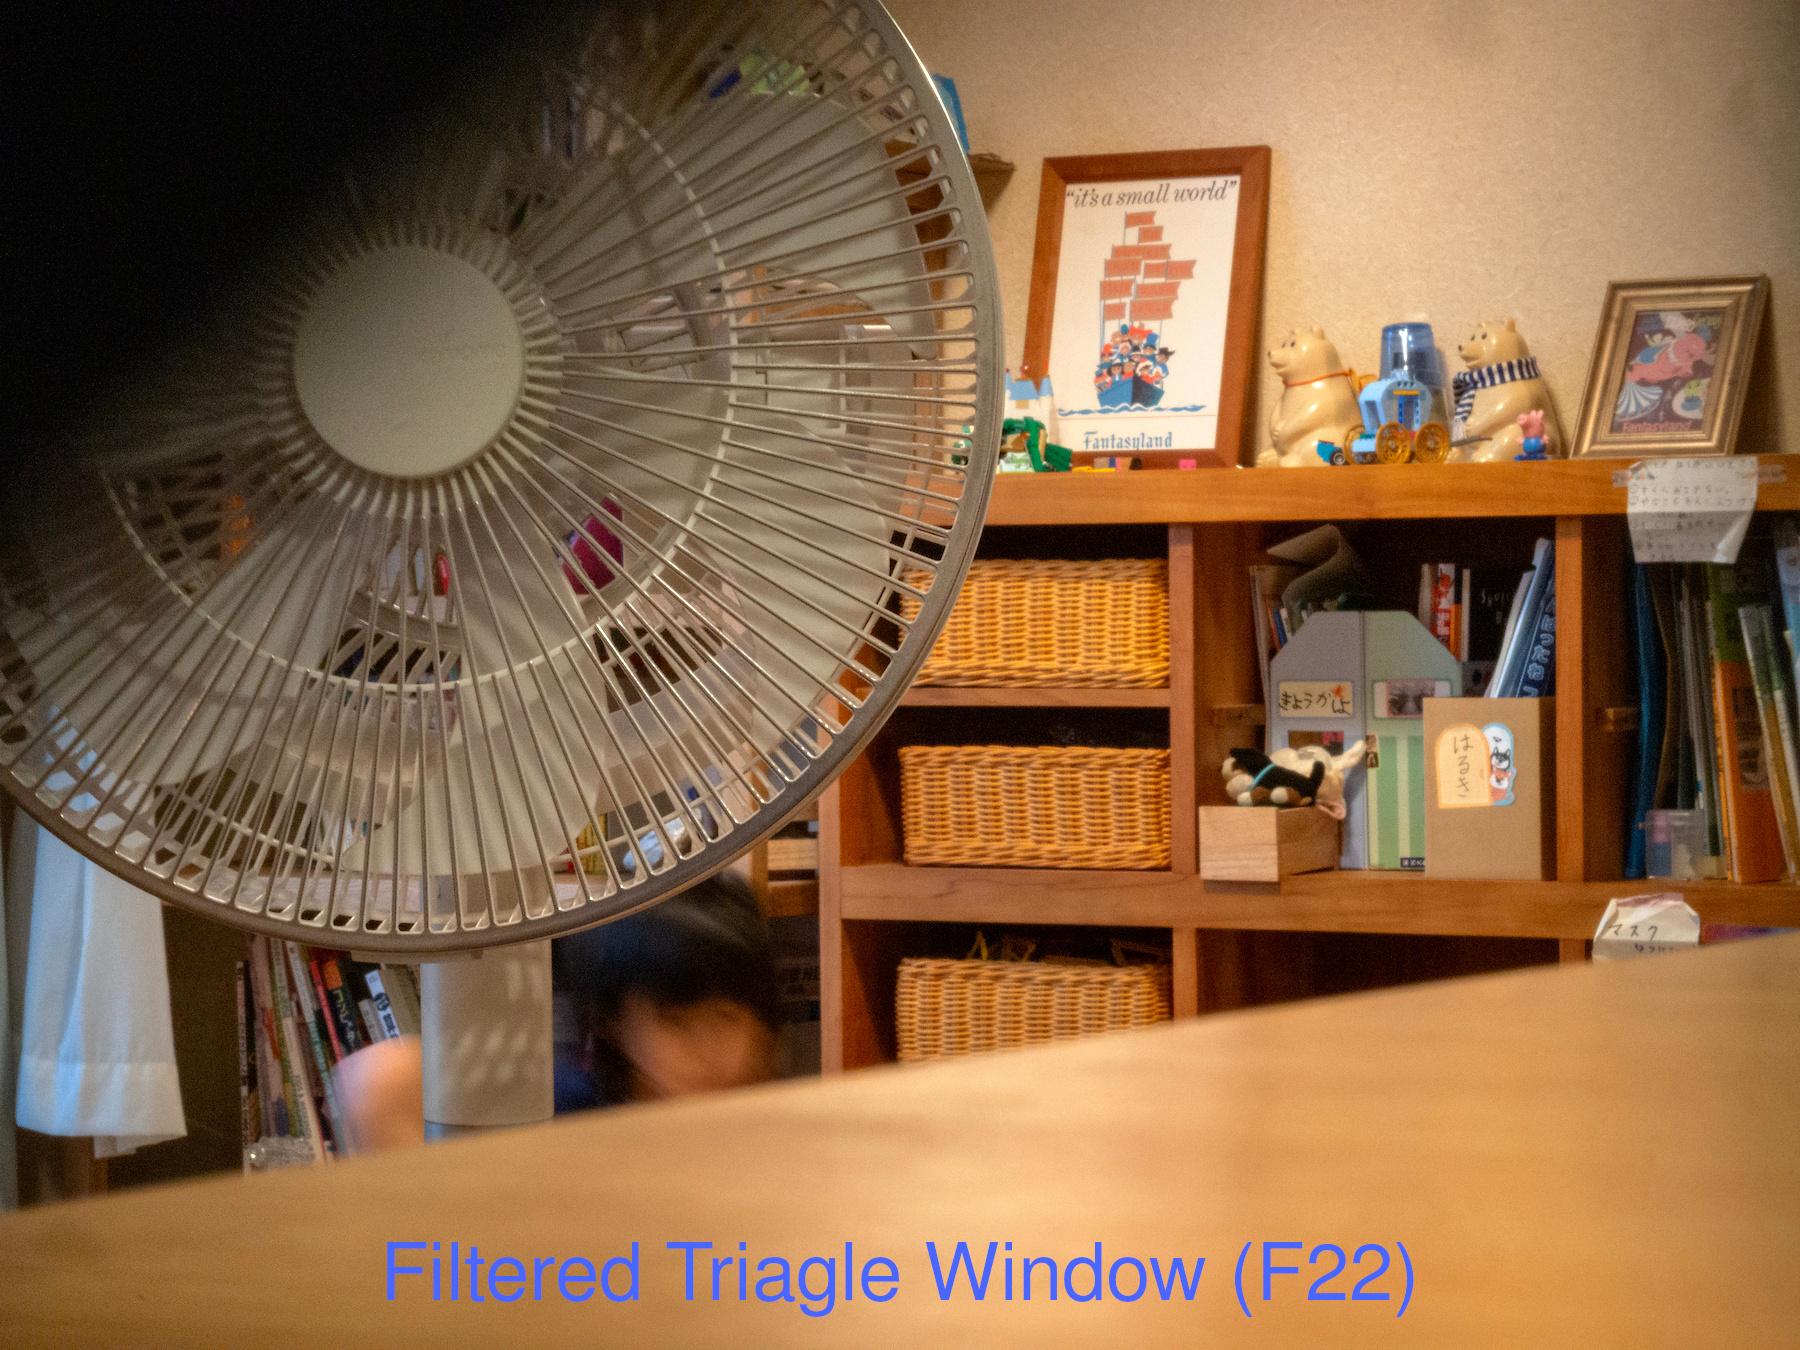 f:id:fridaynight:20191012190108j:plain:w300